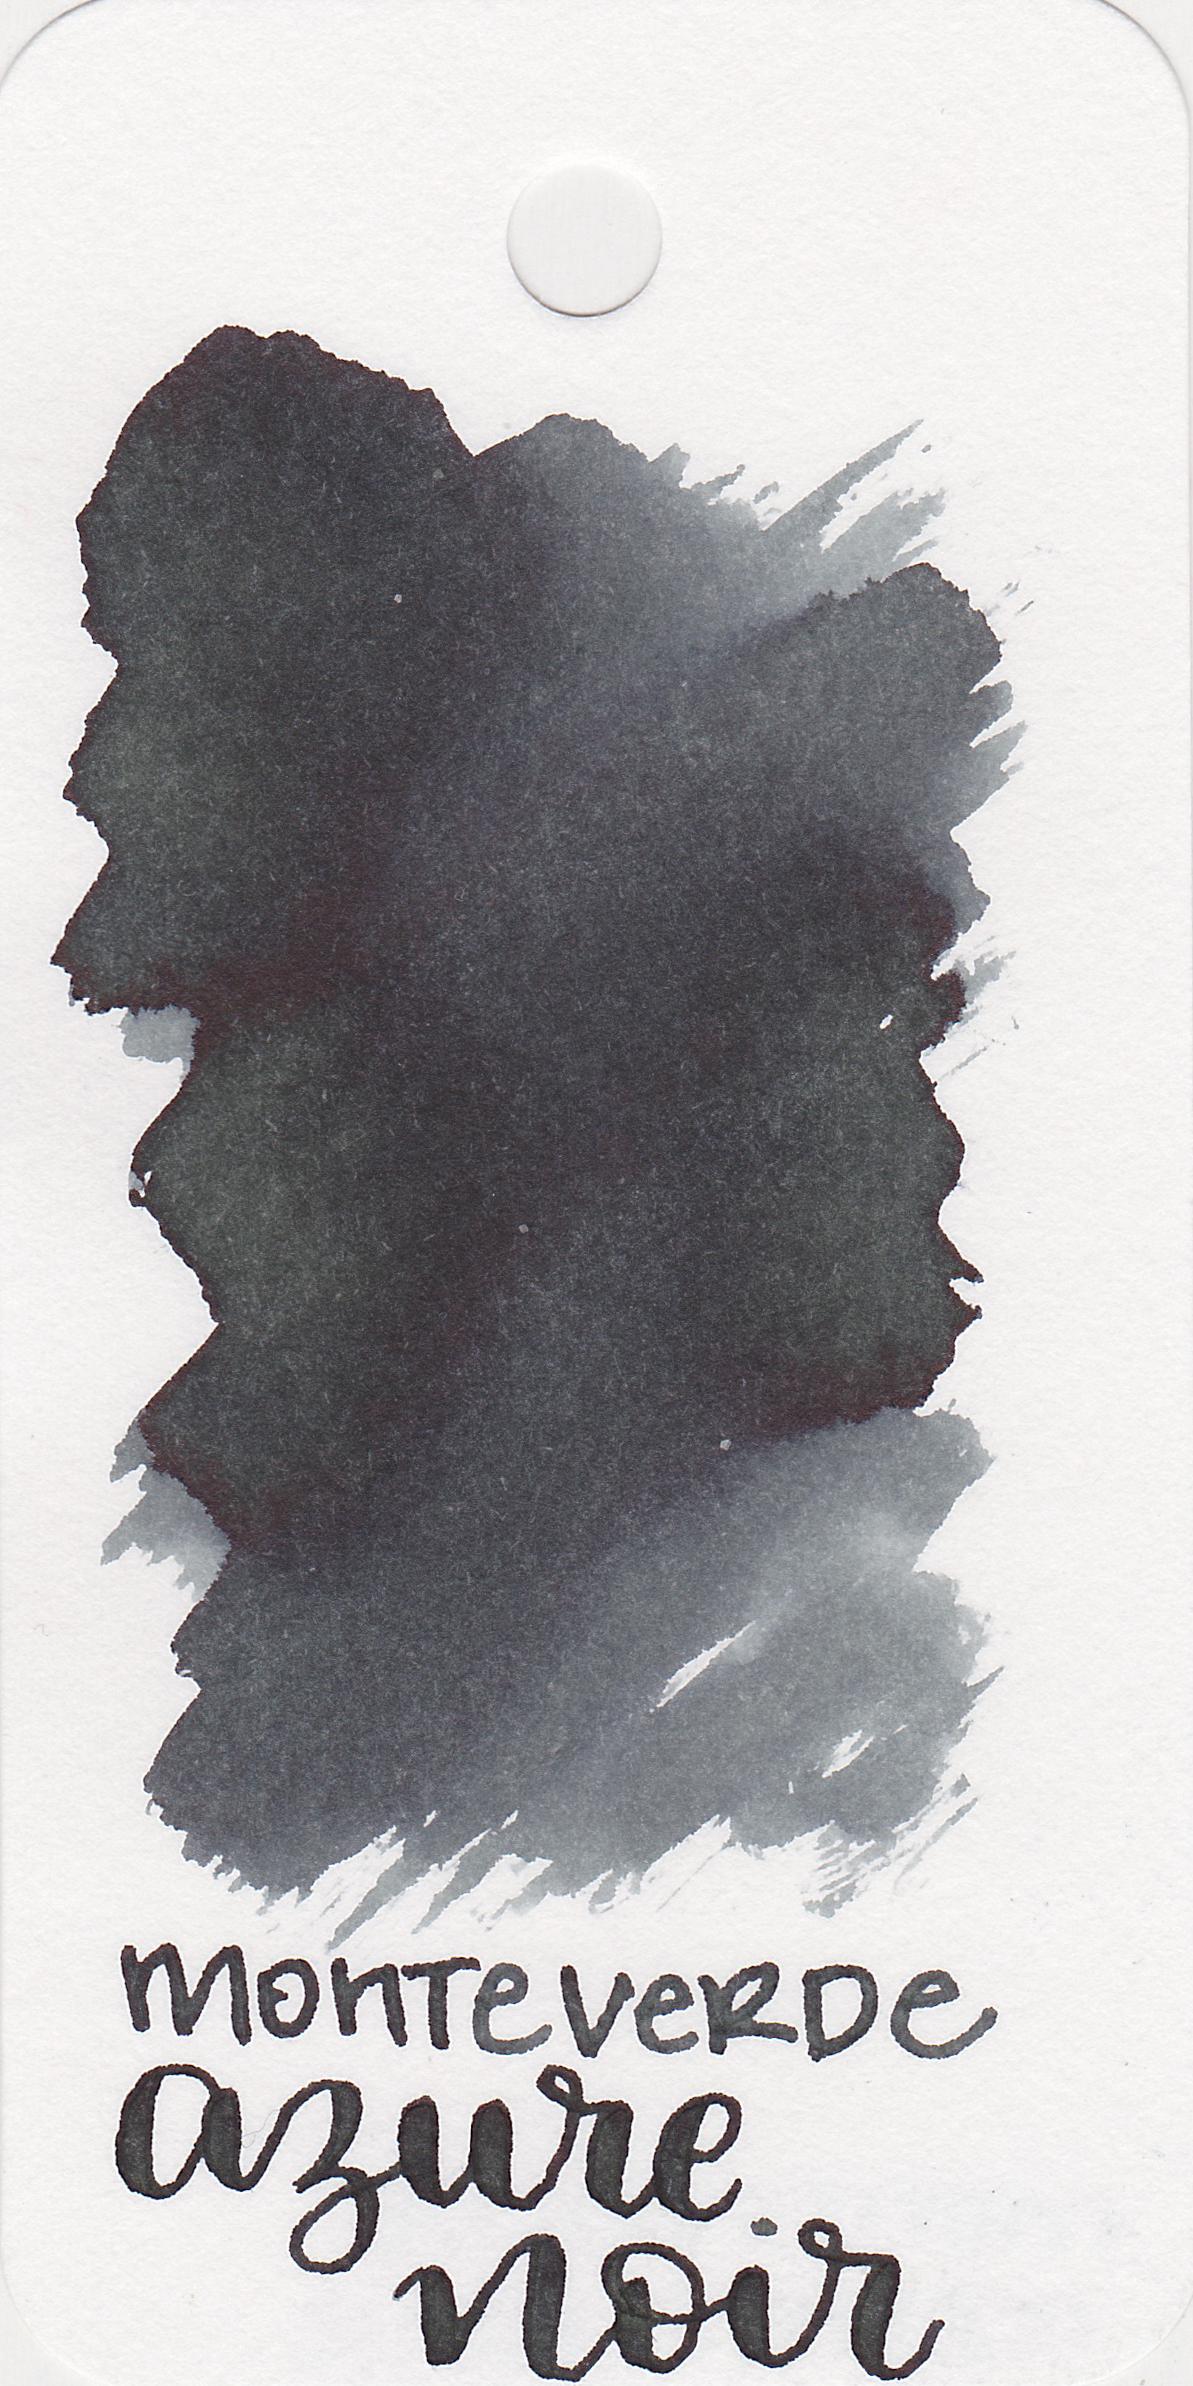 mv-azure-noir-1.jpg